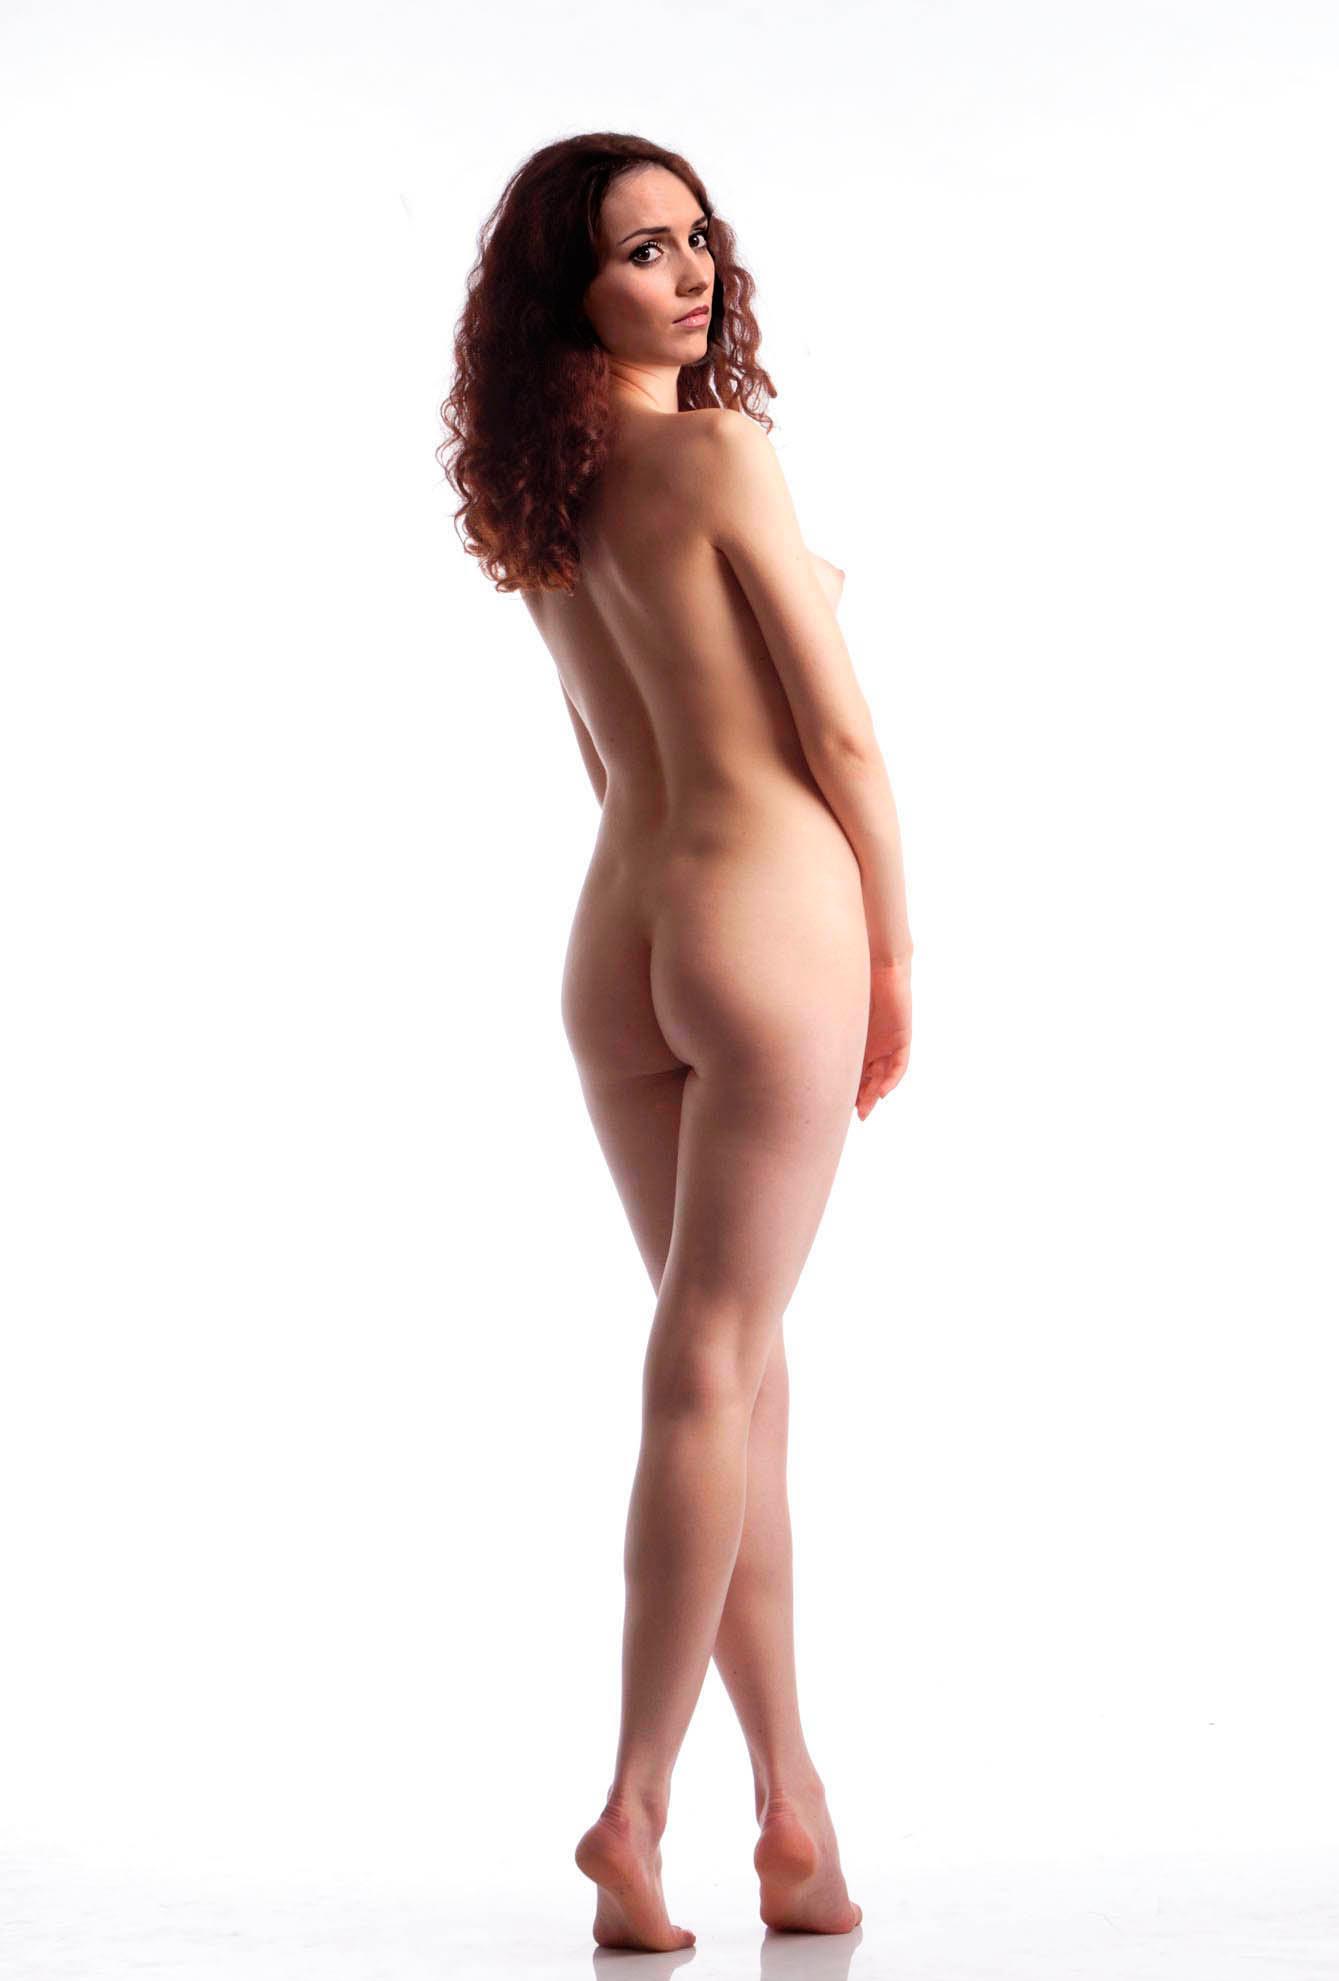 Юлия зимина фото порно фото